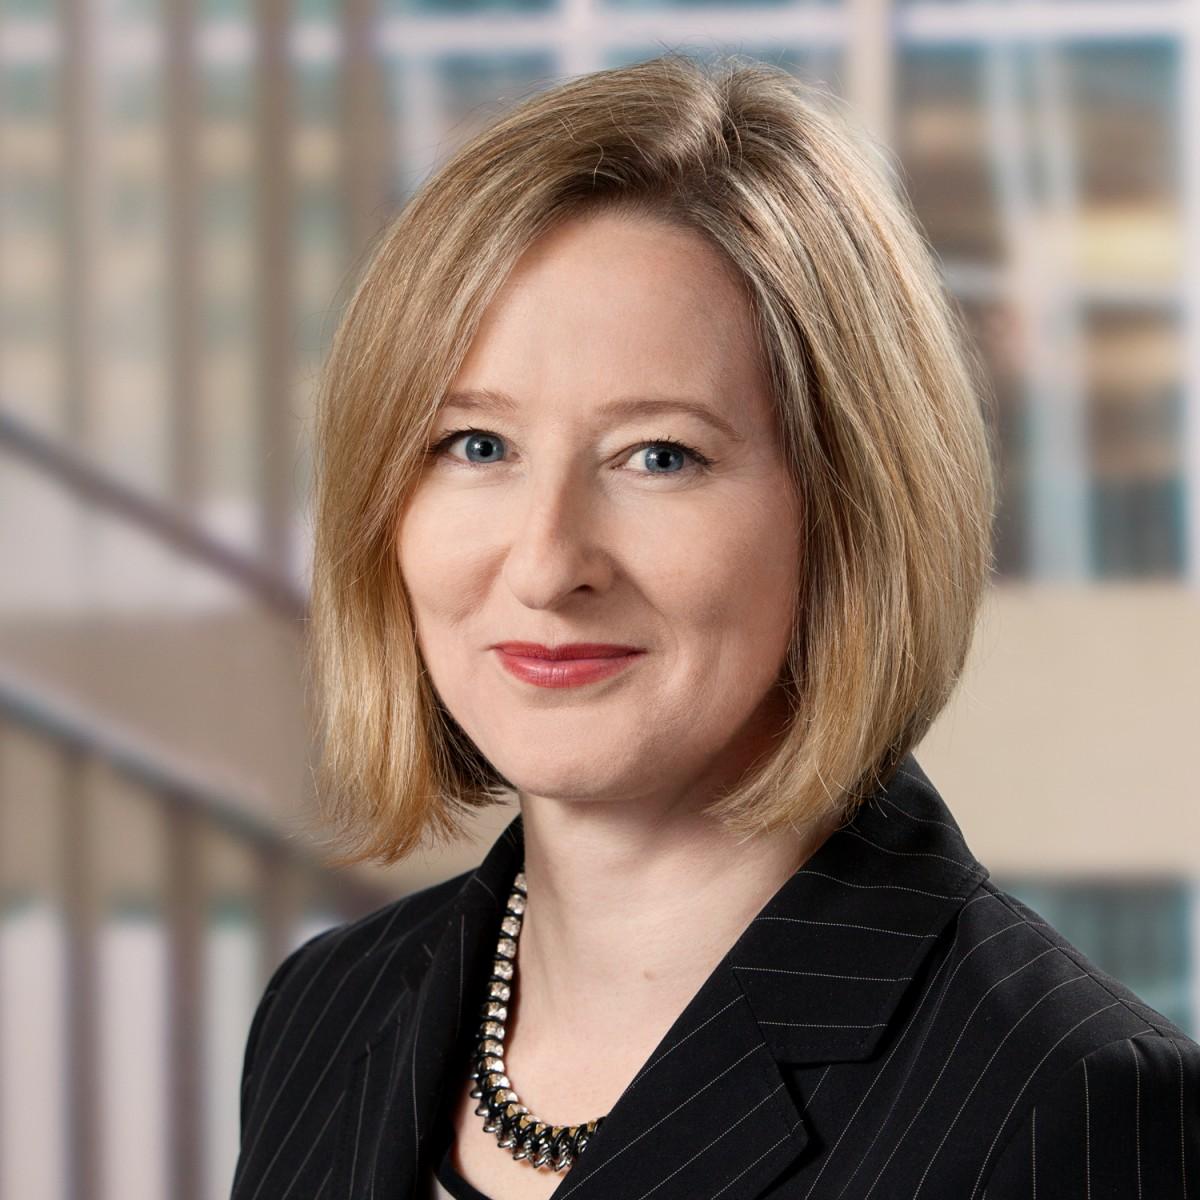 نائب محافظ بنك كندا: قرار خفض الفائدة في شهر يناير حد من مخاطر تراجع التضخم